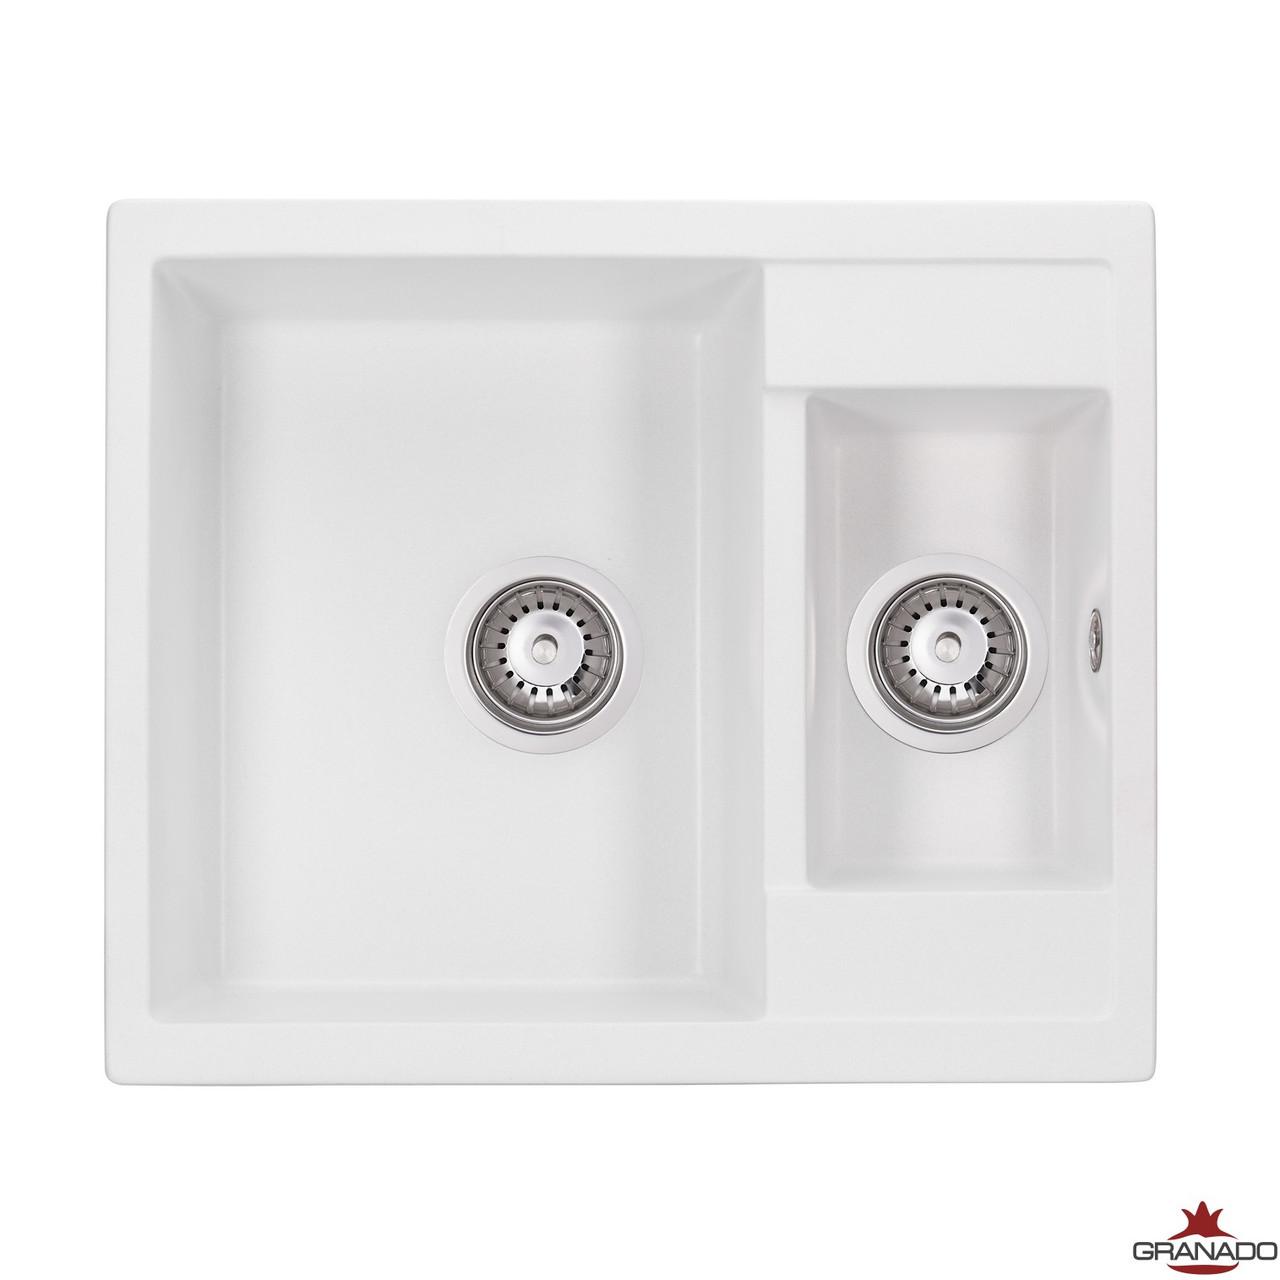 Гранитная мойка в кухню с двумя  чашами модель Samora цвет White прямоугольной формы от производителя Granado